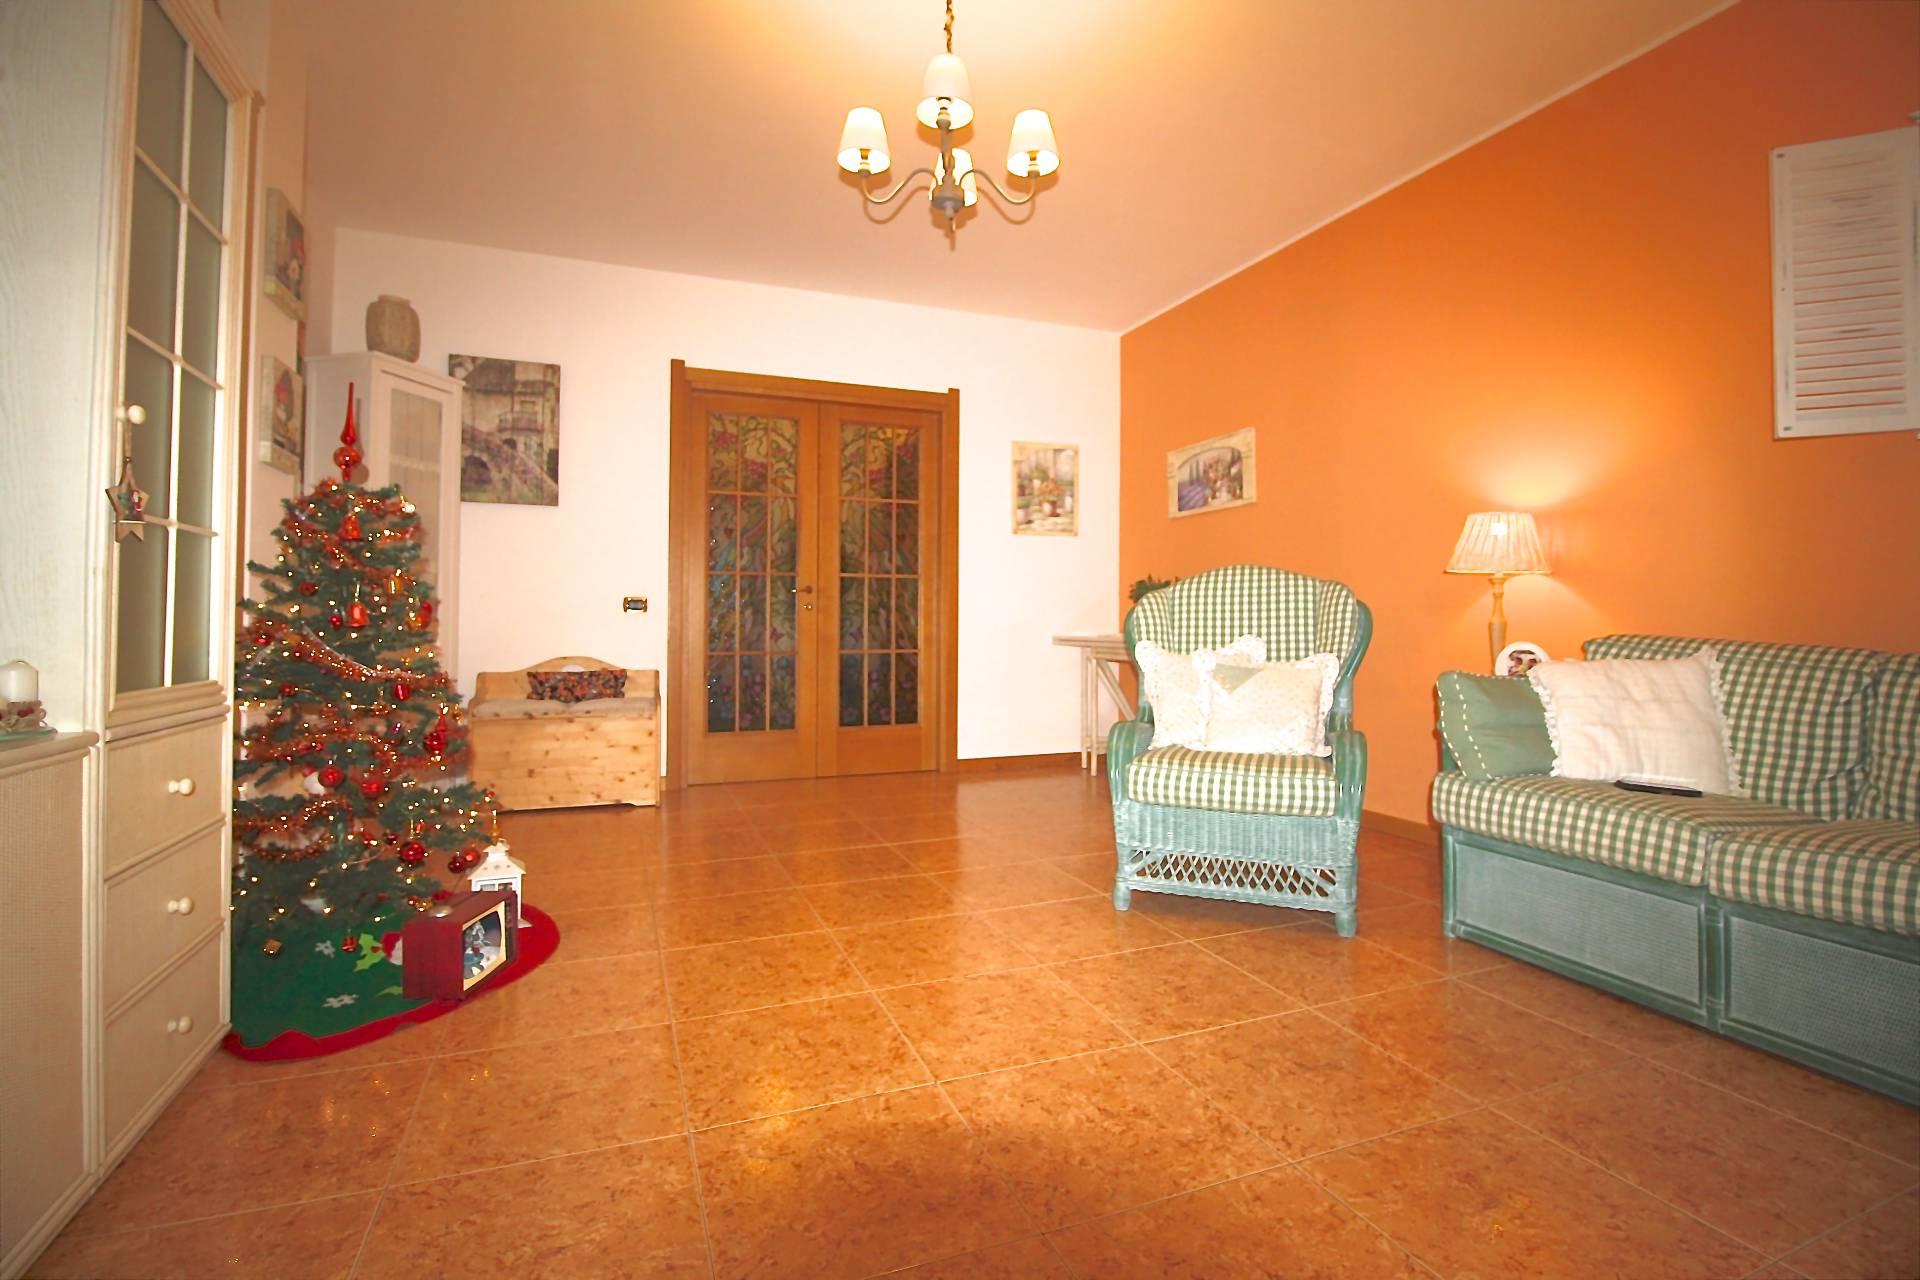 Appartamento in vendita a Usmate Velate, 3 locali, prezzo € 165.000 | PortaleAgenzieImmobiliari.it